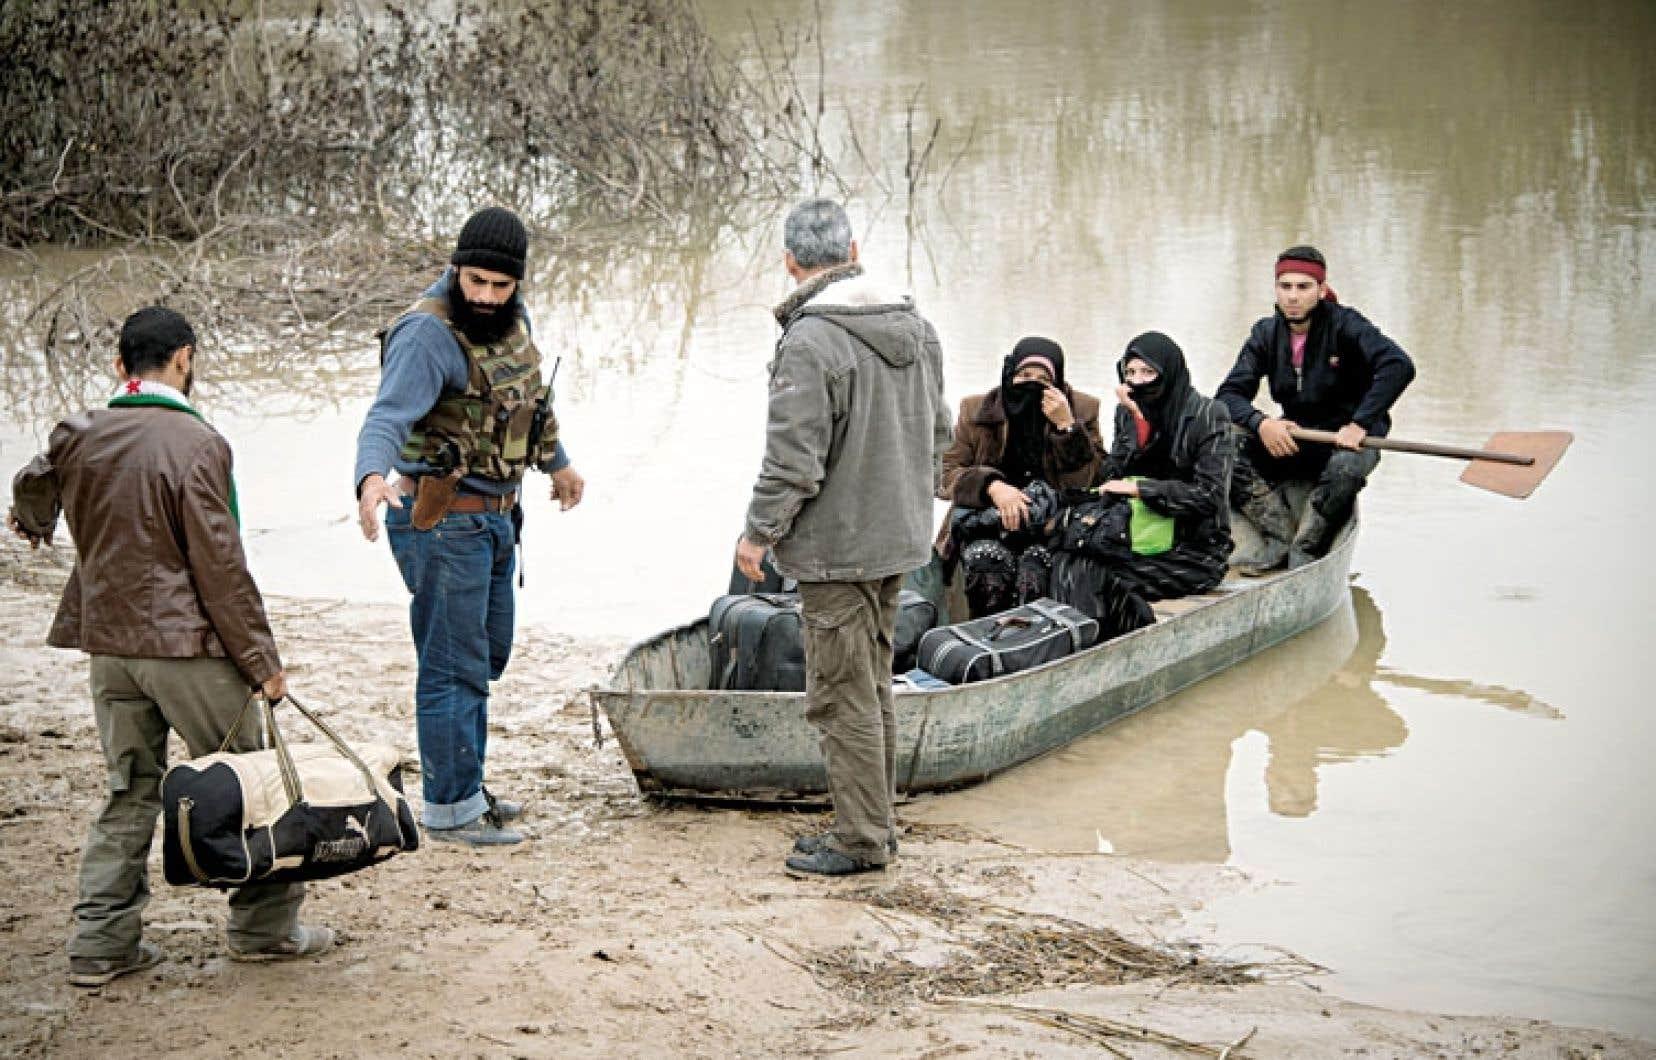 <div> Des ressortissants syriens fuient la violence en traversant l'Oronte, le fleuve qui sépare leur pays de la Turquie.</div>